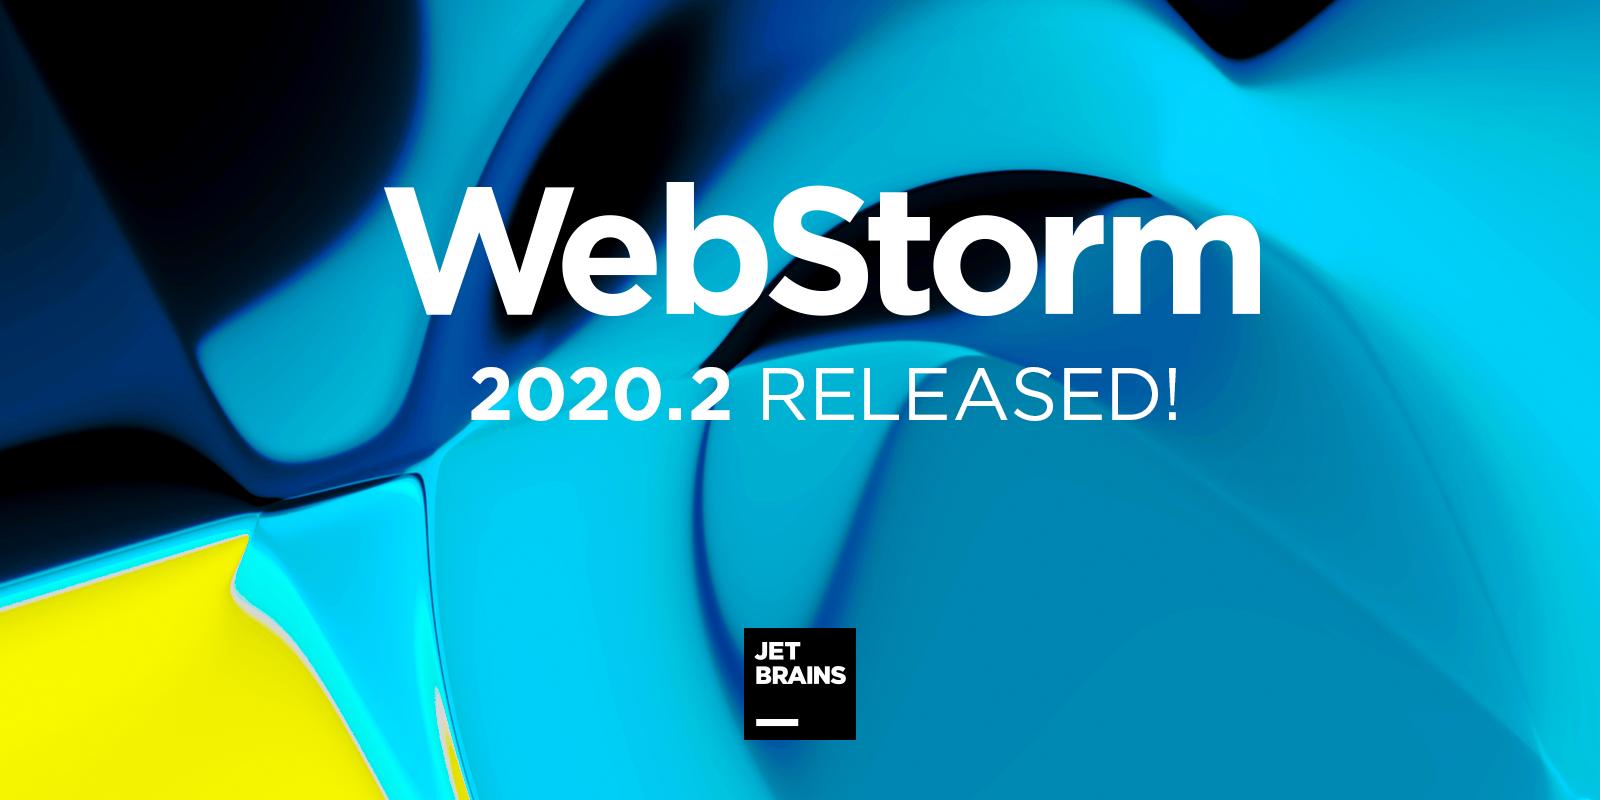 webstorm-2020-2-released